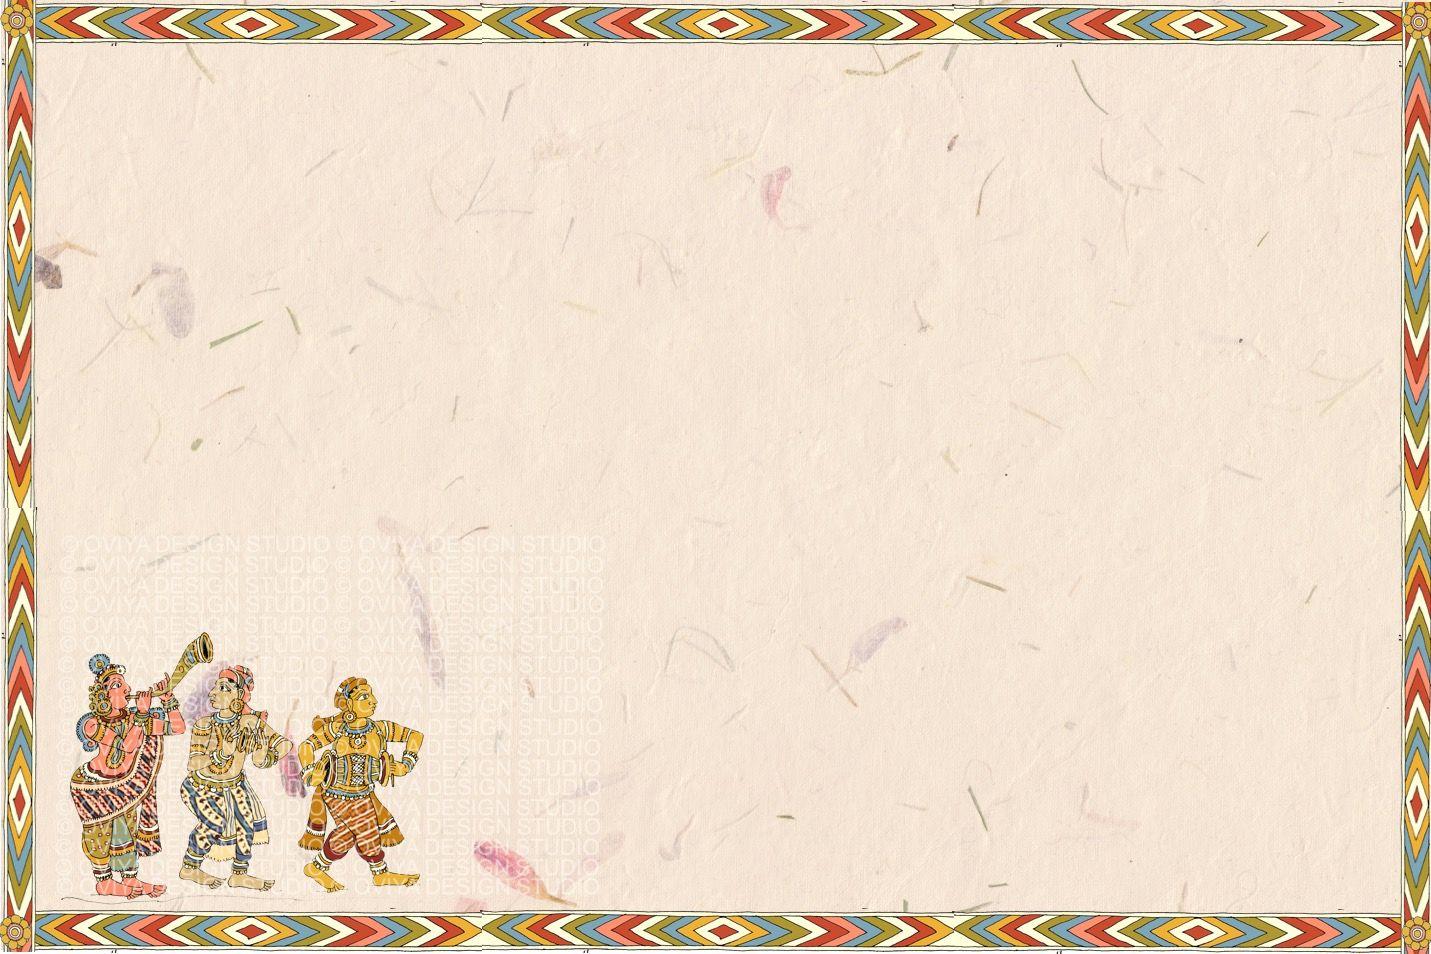 Kalamkari inspired South Indian Wedding Guestbook sample page ...